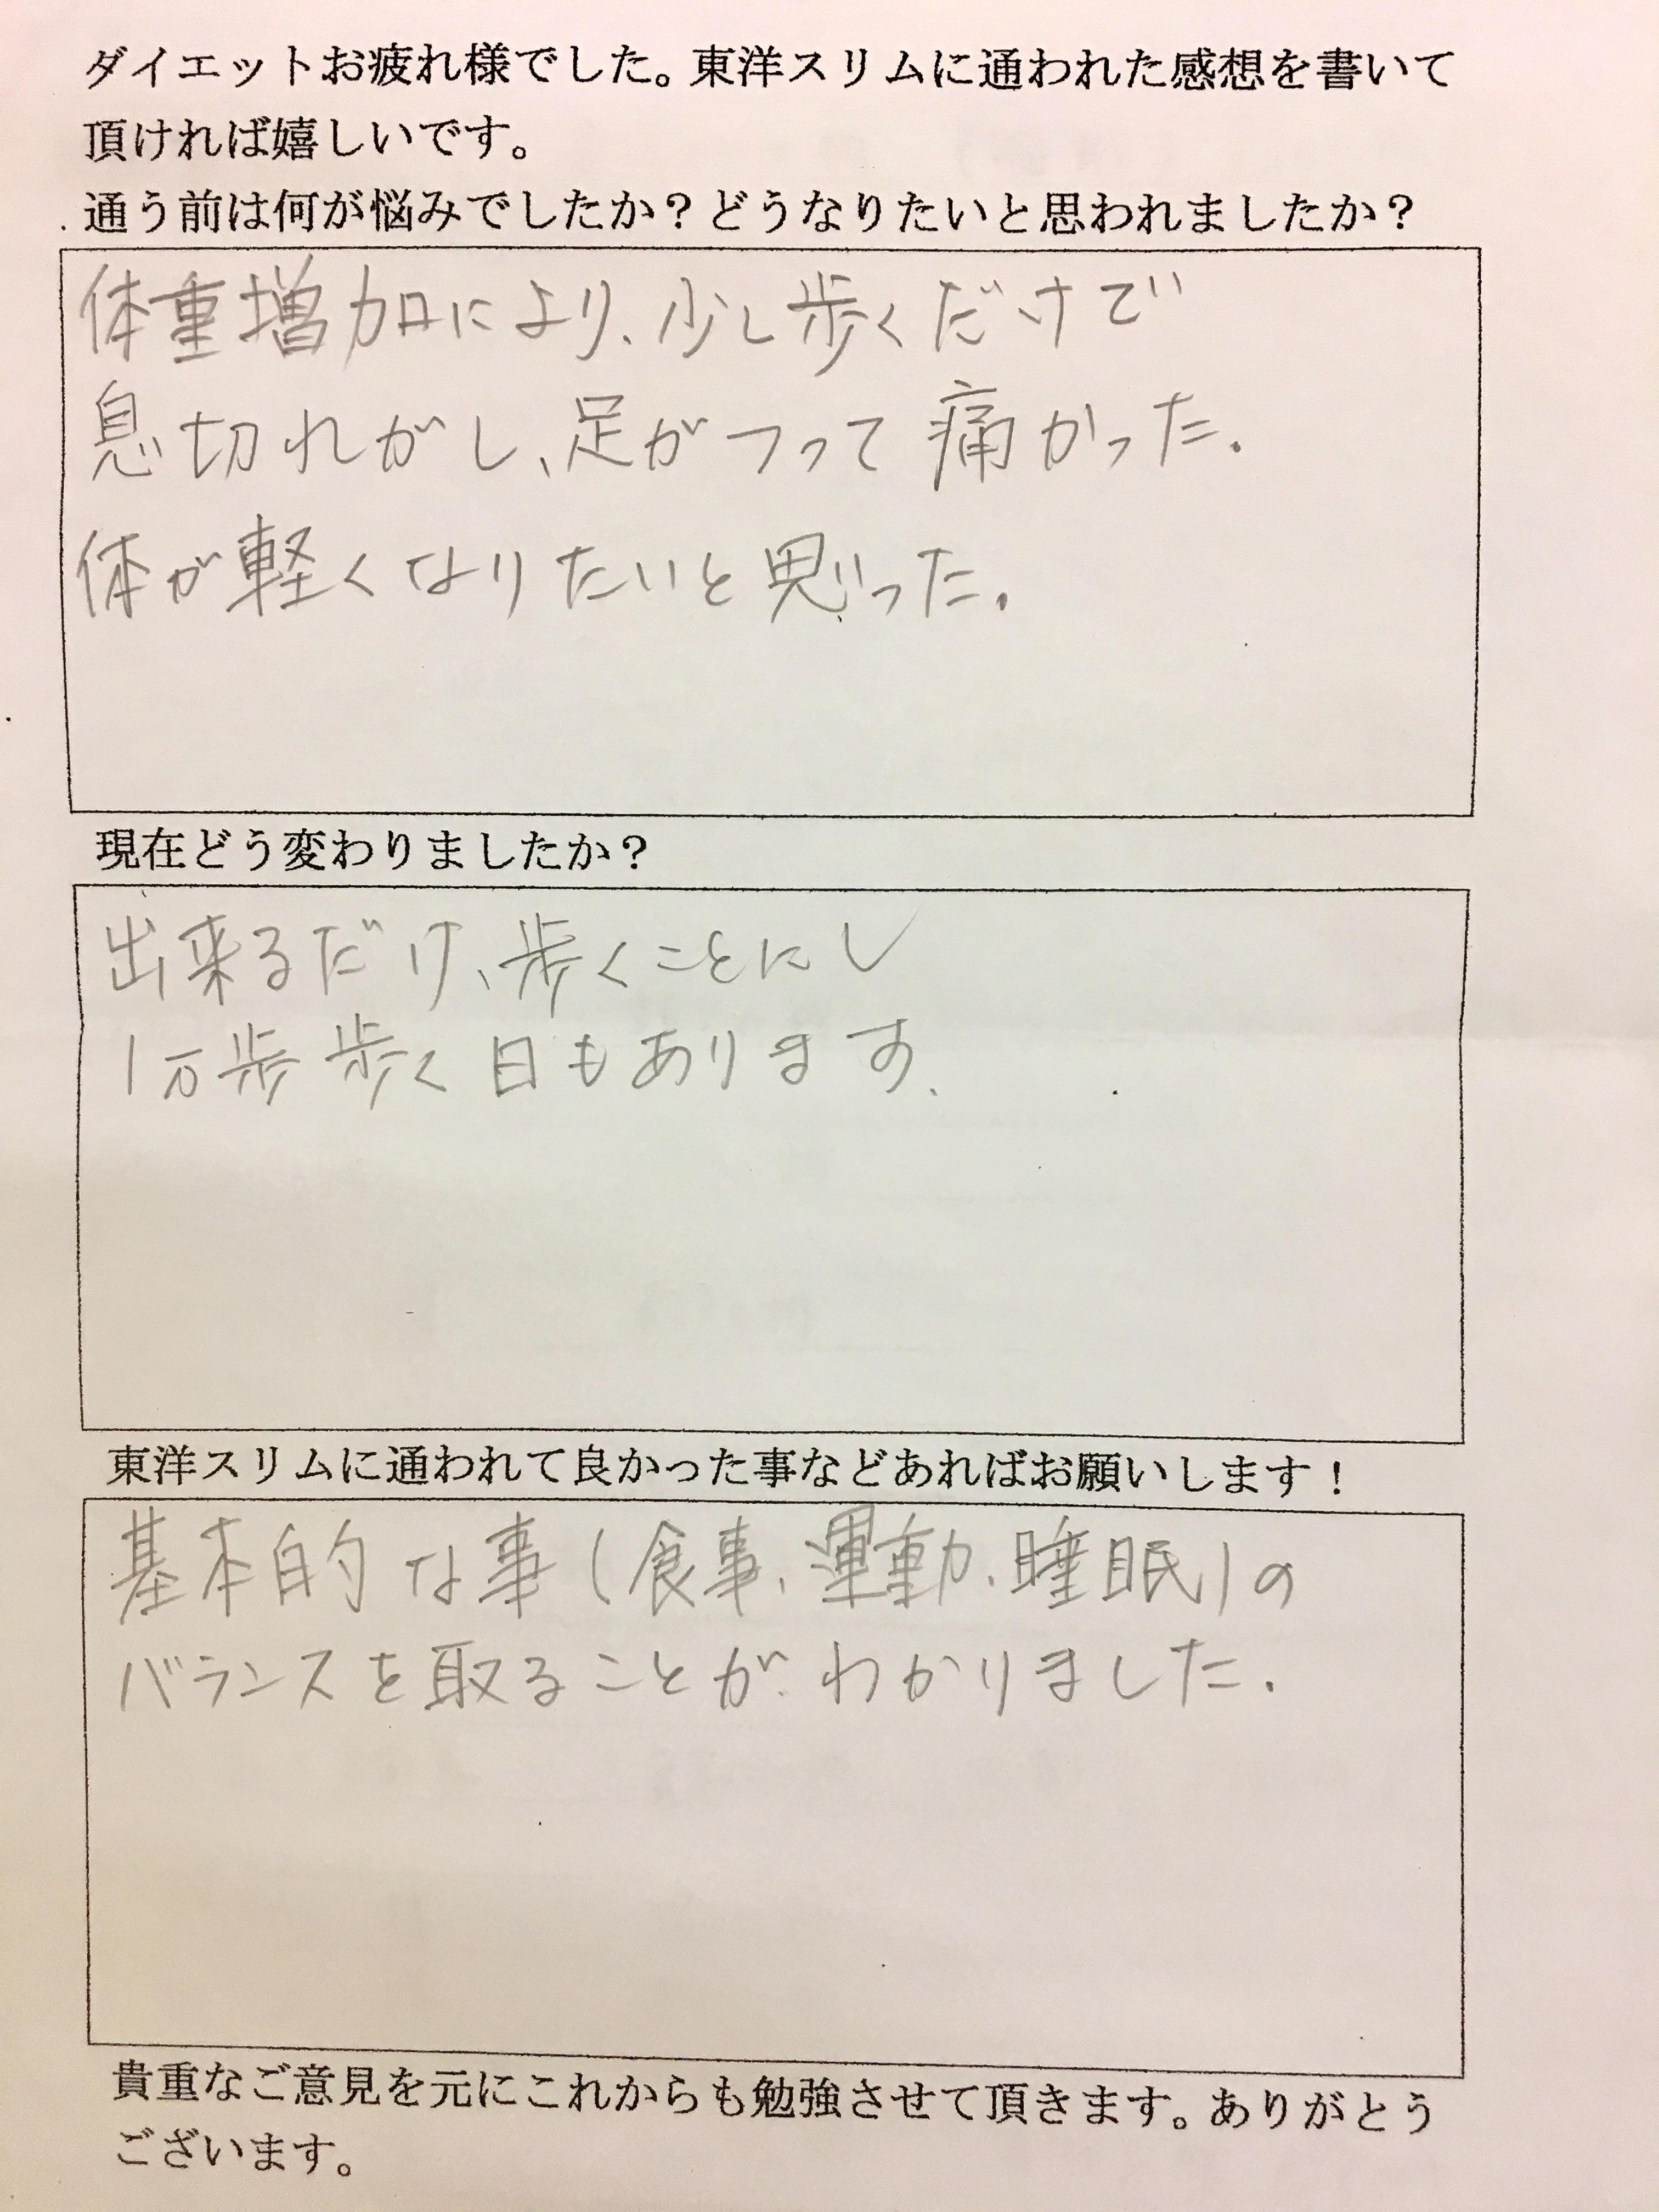 [皆様の声]大阪府柏原市Tさん(50代女性)耳つぼダイエット3ヶ月余りで8.4kg成功。